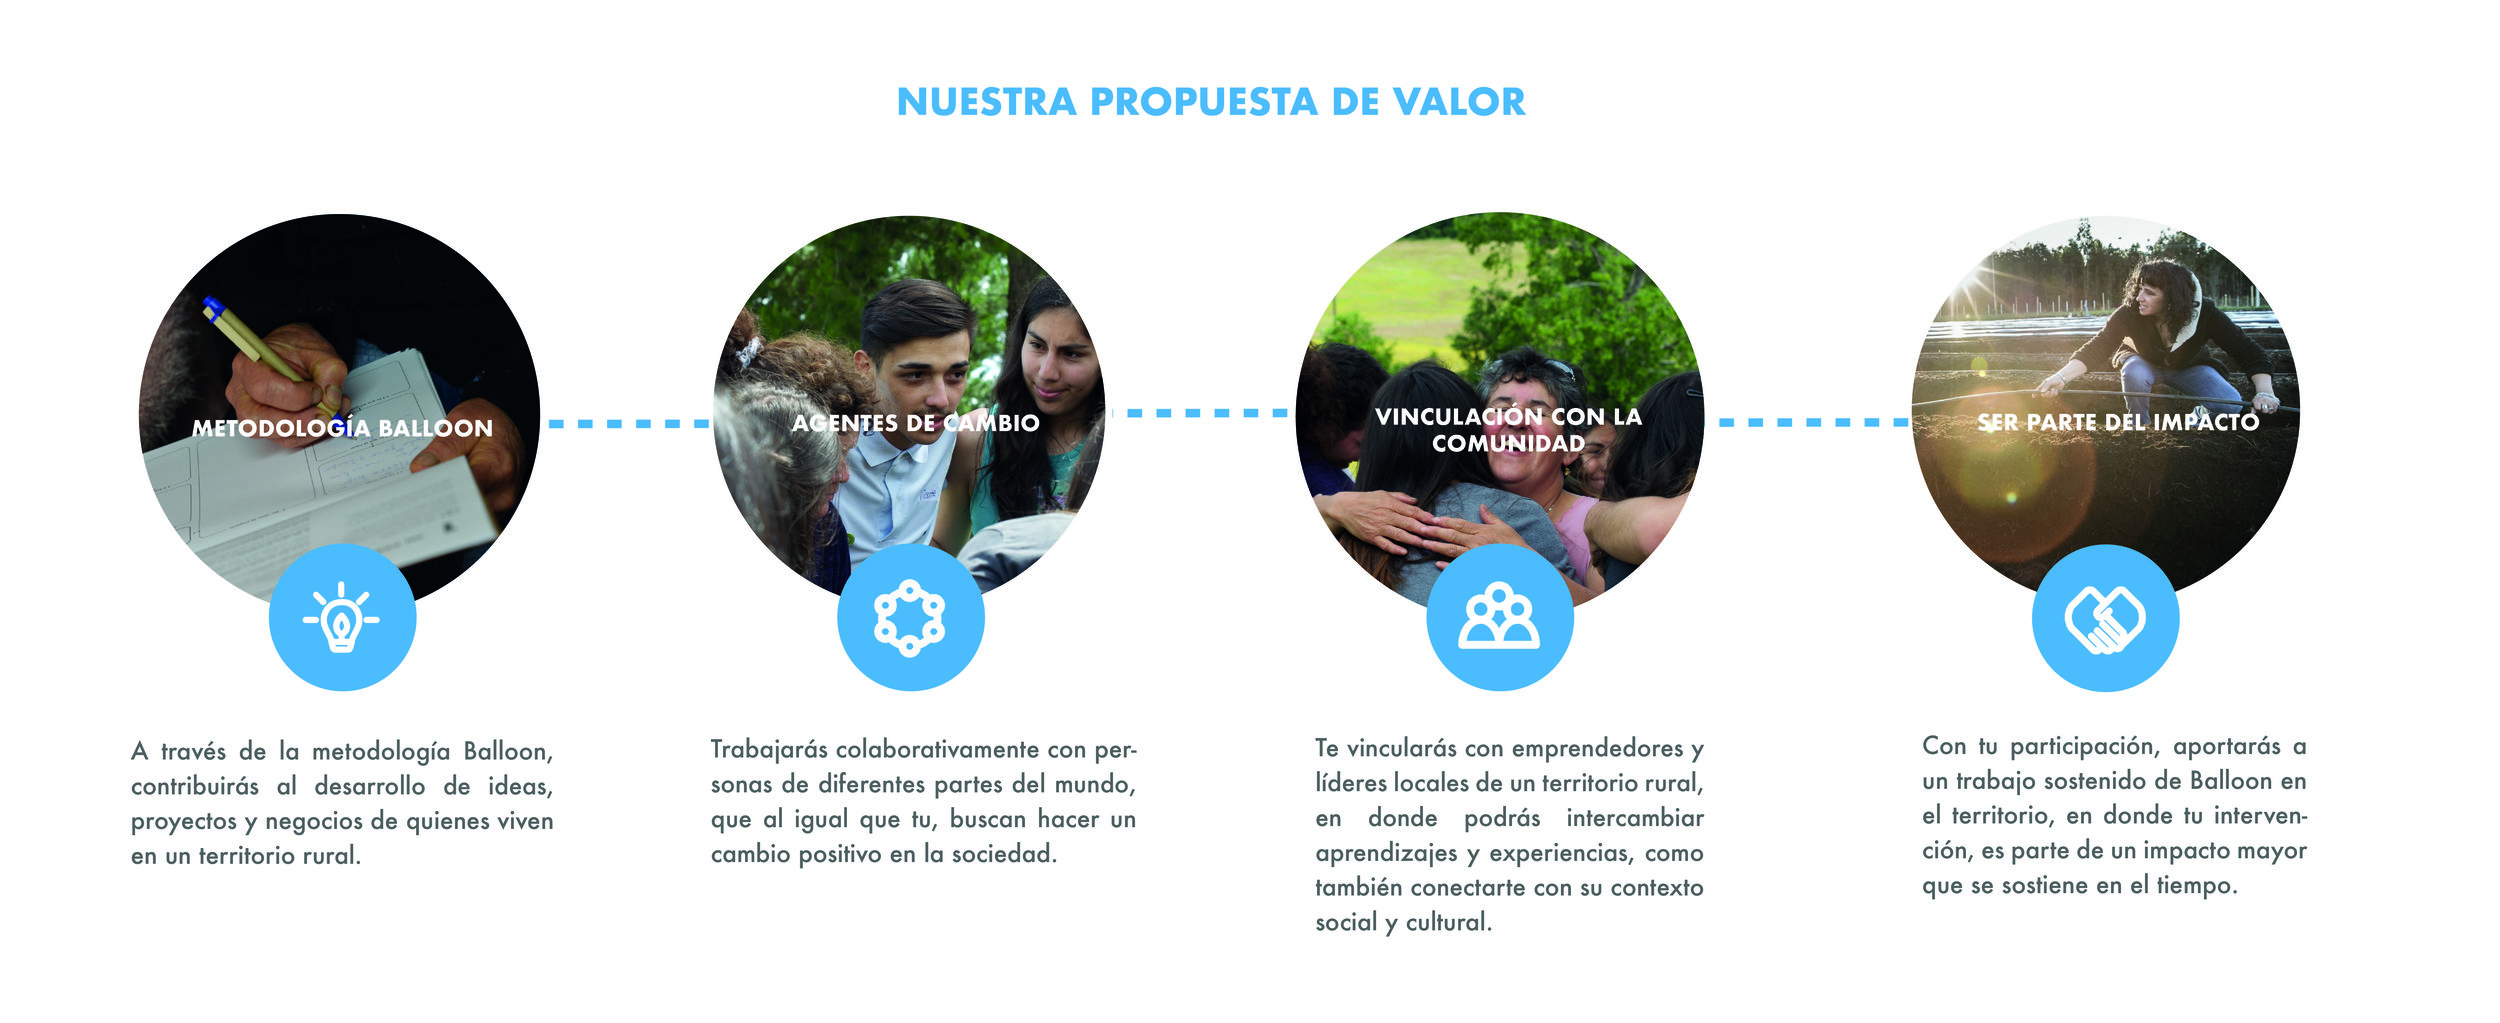 NUESTRA PROPUESTA DE VALOR-18.jpg